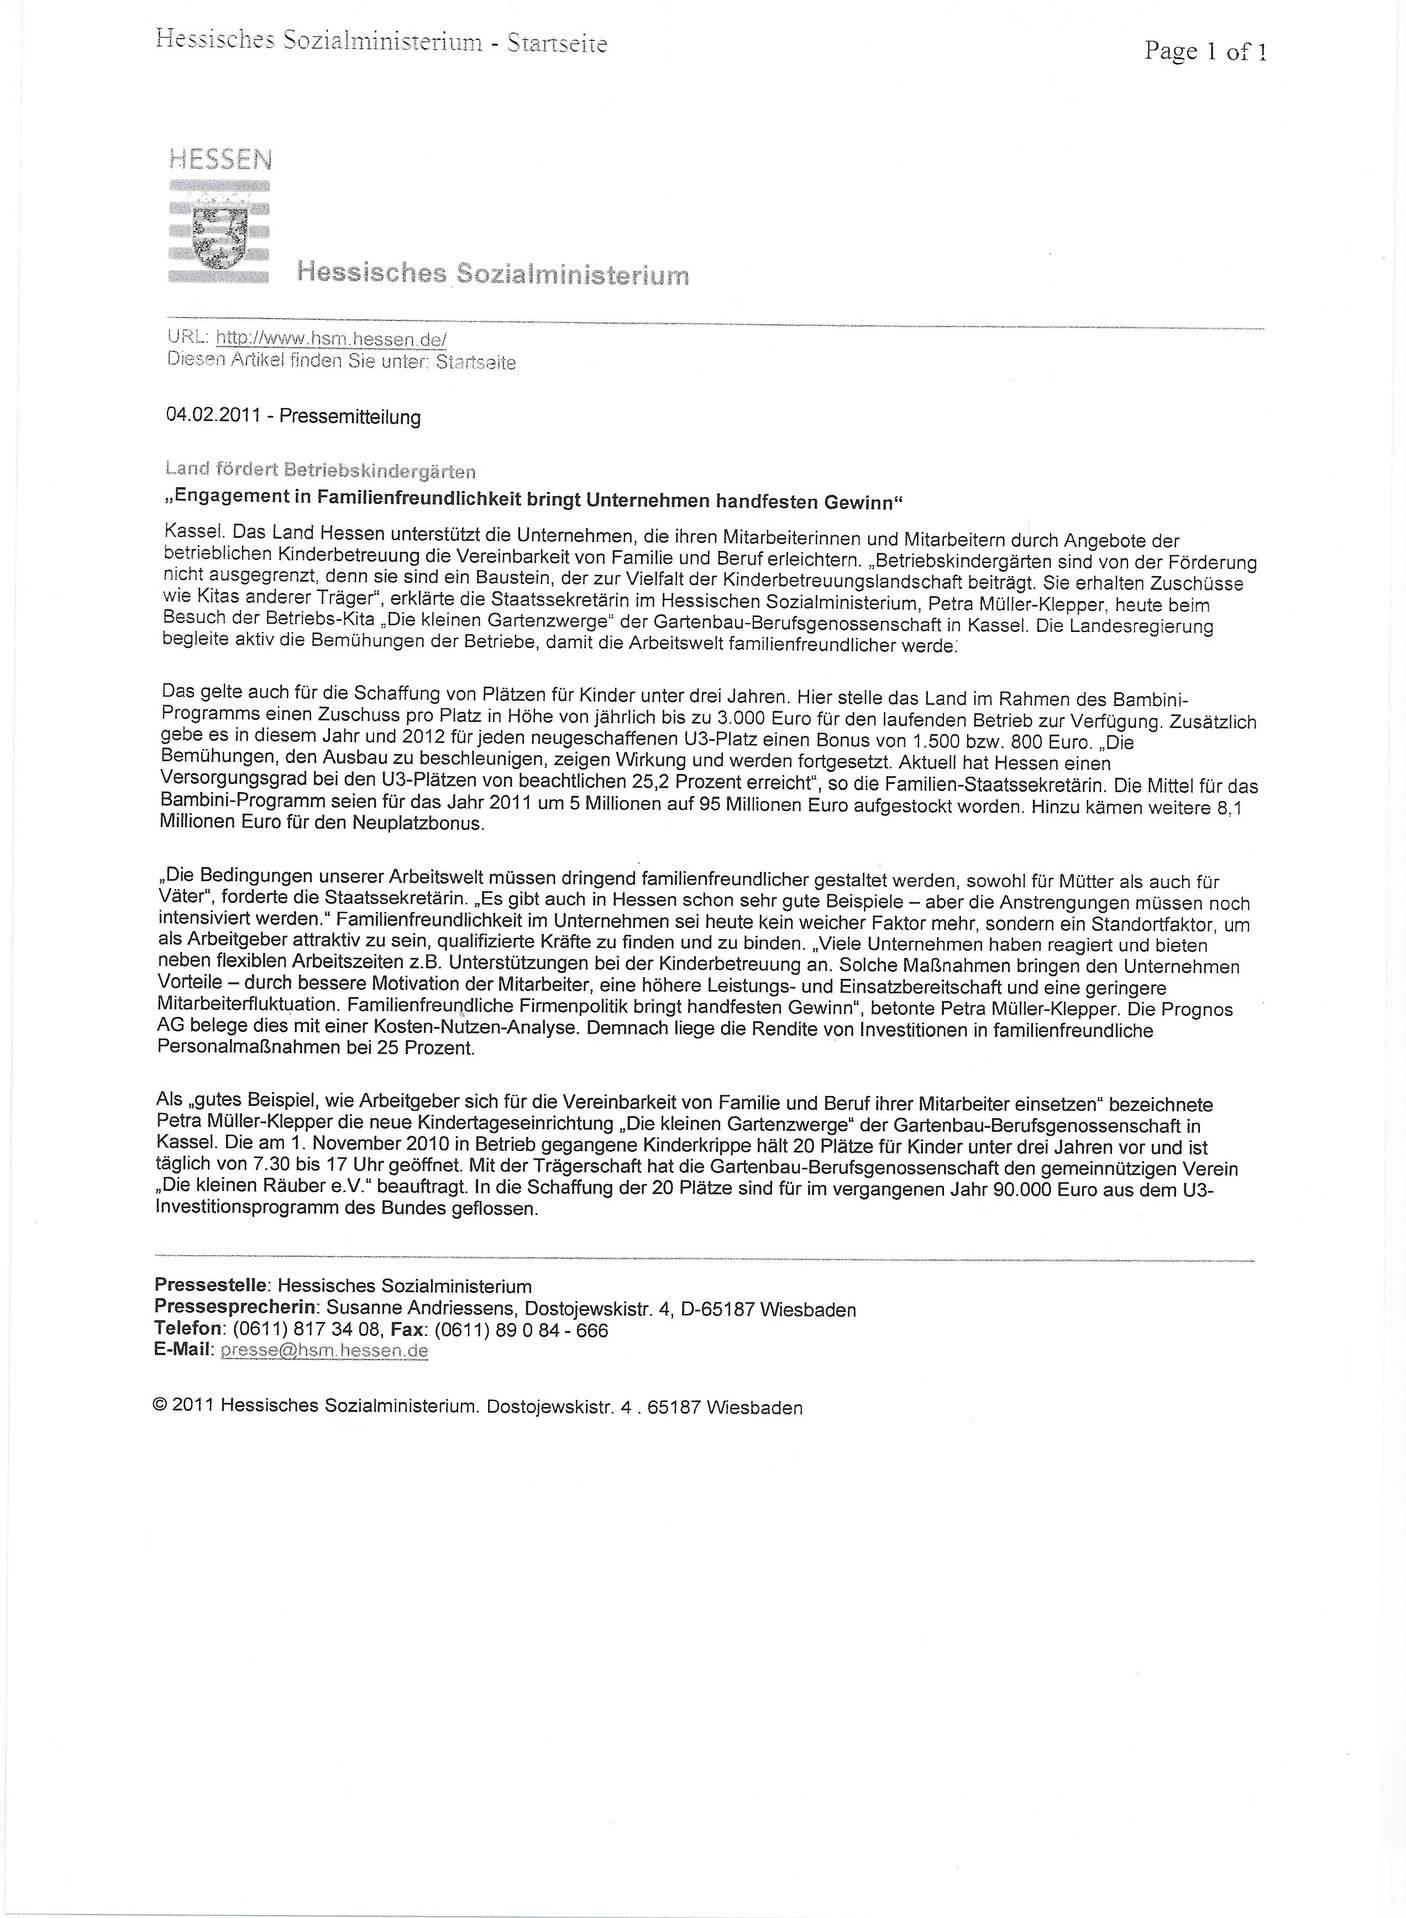 Pressemitteilung Land Hessen